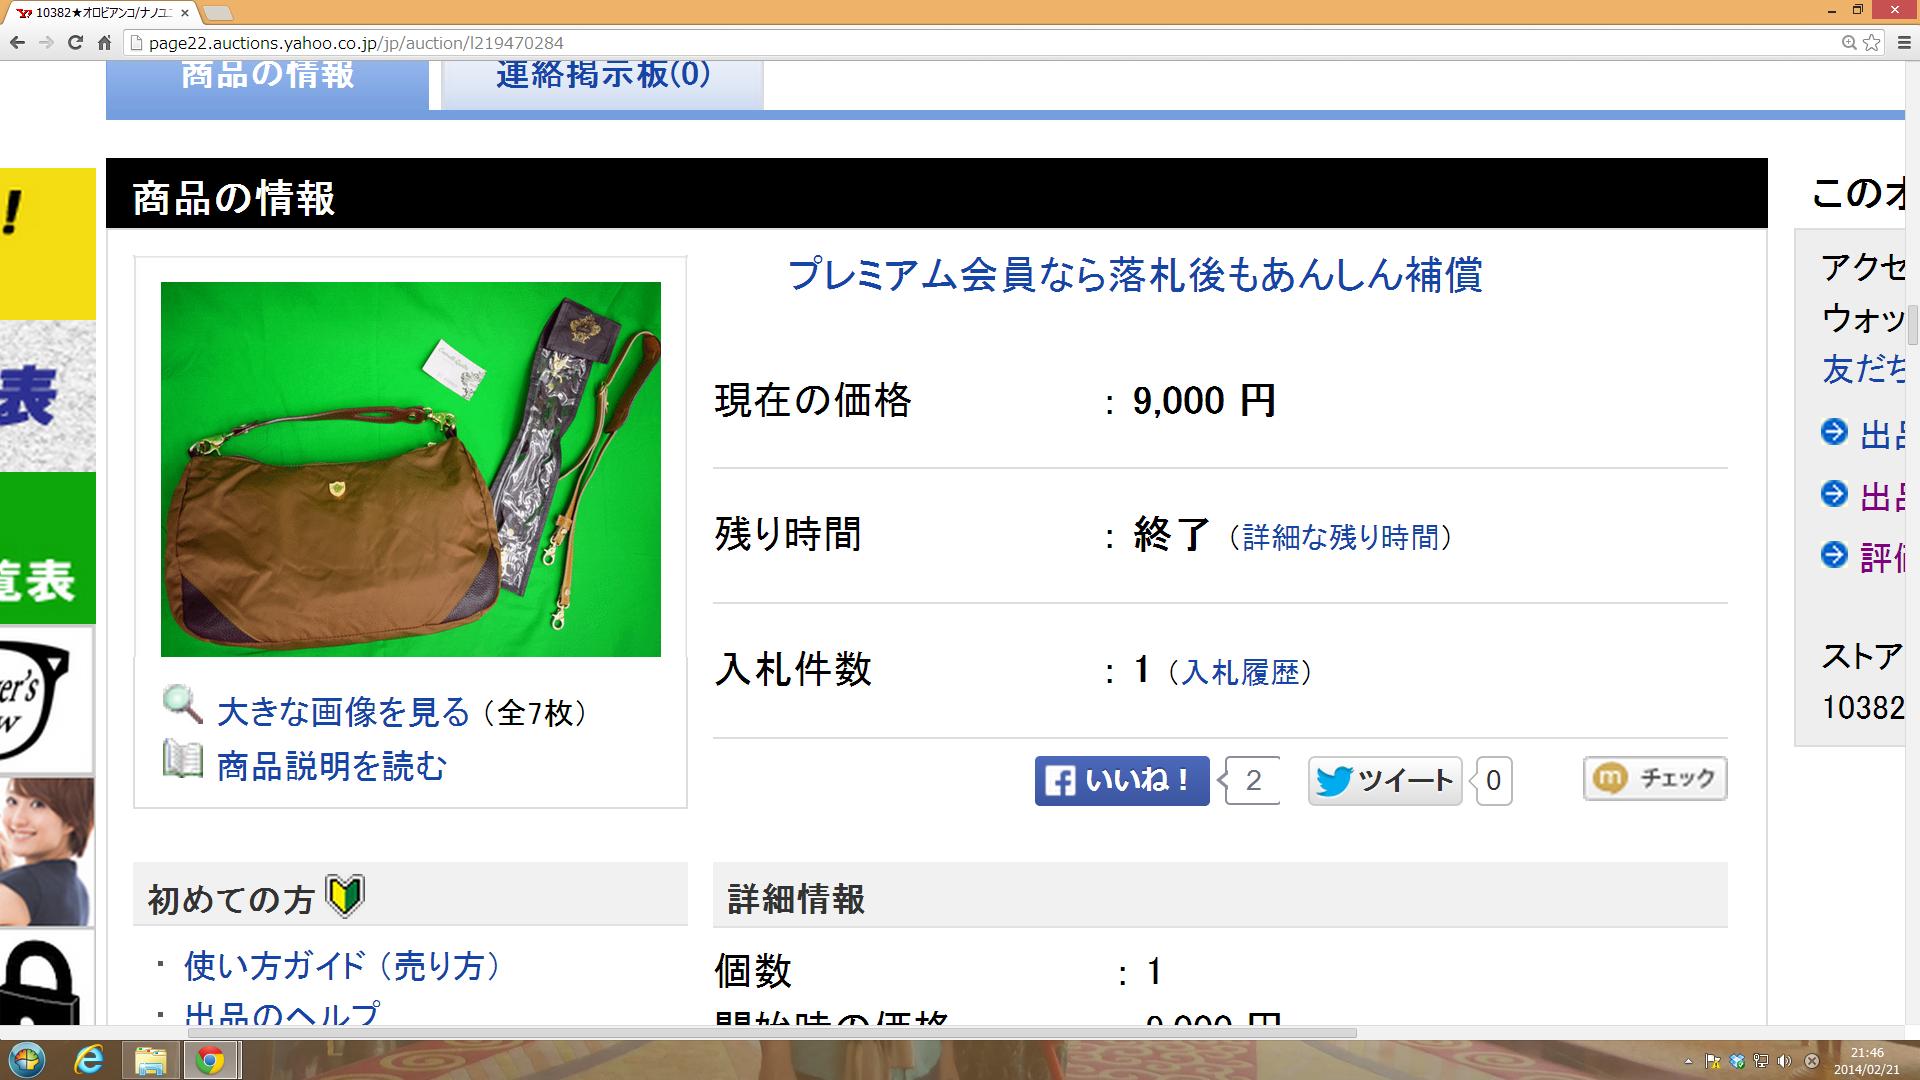 スクリーンショット 2014-02-21 21.46.39